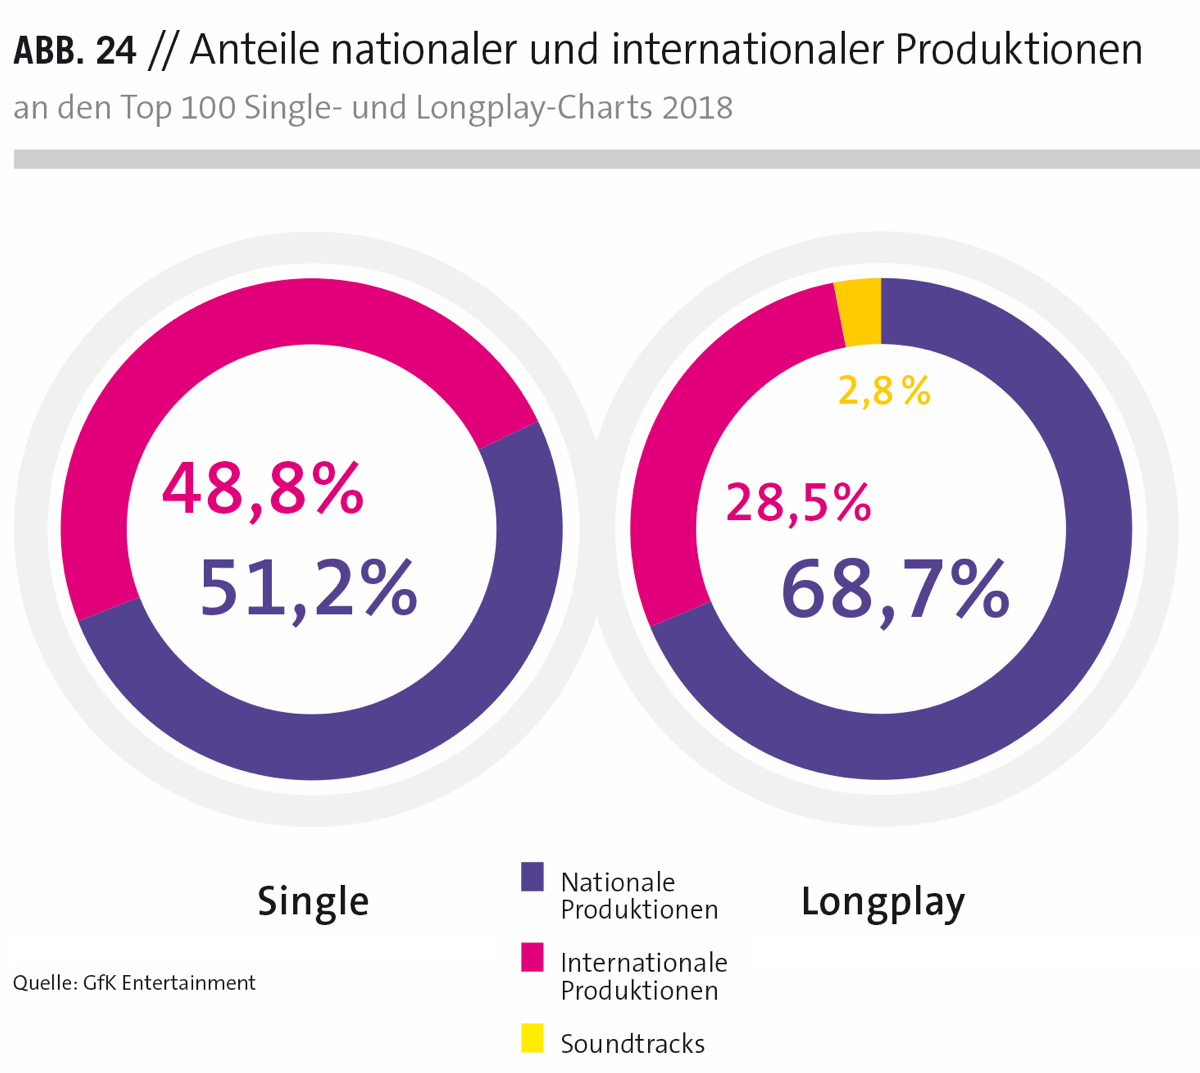 Anteile nationaler und internationaler Produktionen an den Top 100 Single- und Longplay-Charts 2018